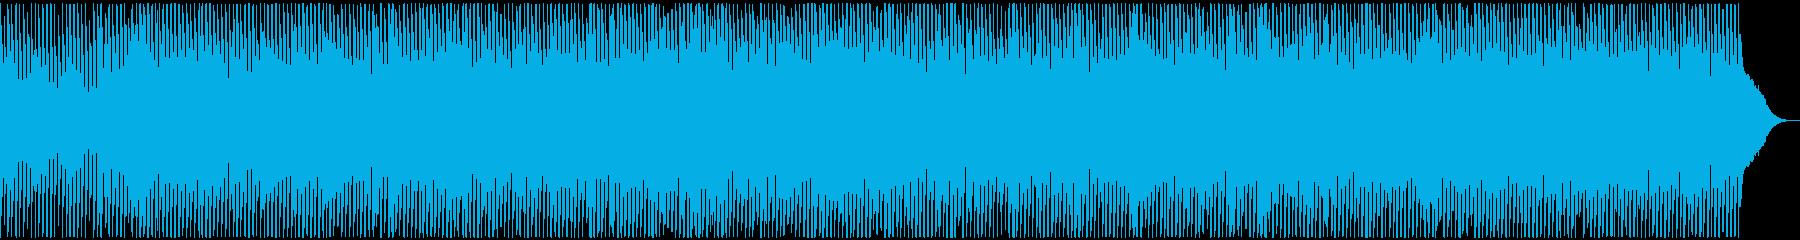 マリンバとウクレレが可愛いポップスBGMの再生済みの波形